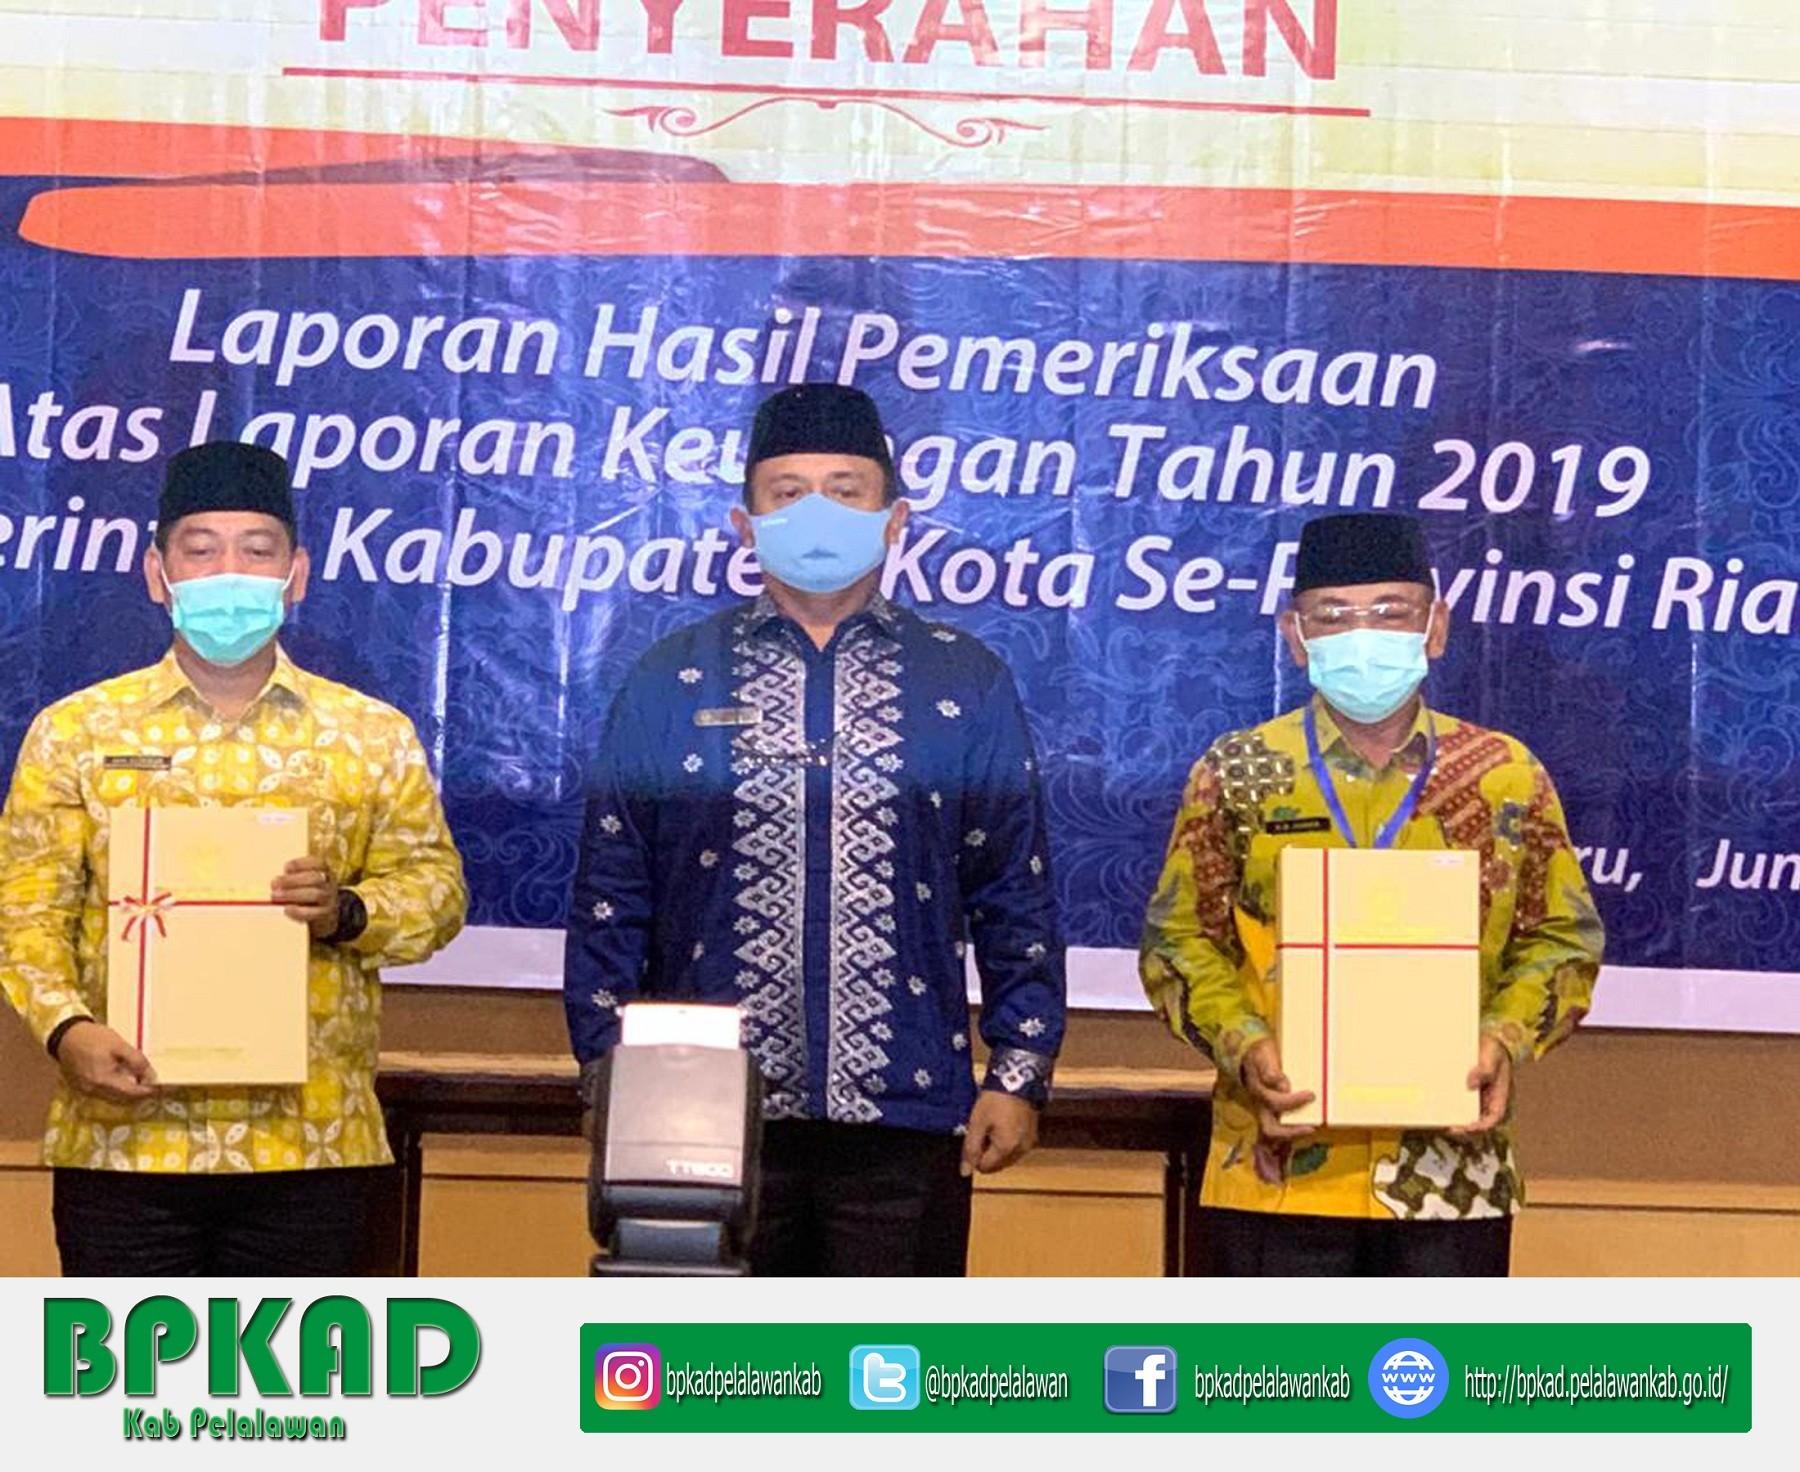 Kabupaten Pelalawan Raih Opini WTP dari BPK Untuk Ke-8 Kali Secara Berturut-urut Atas LKPD Tahun 2019